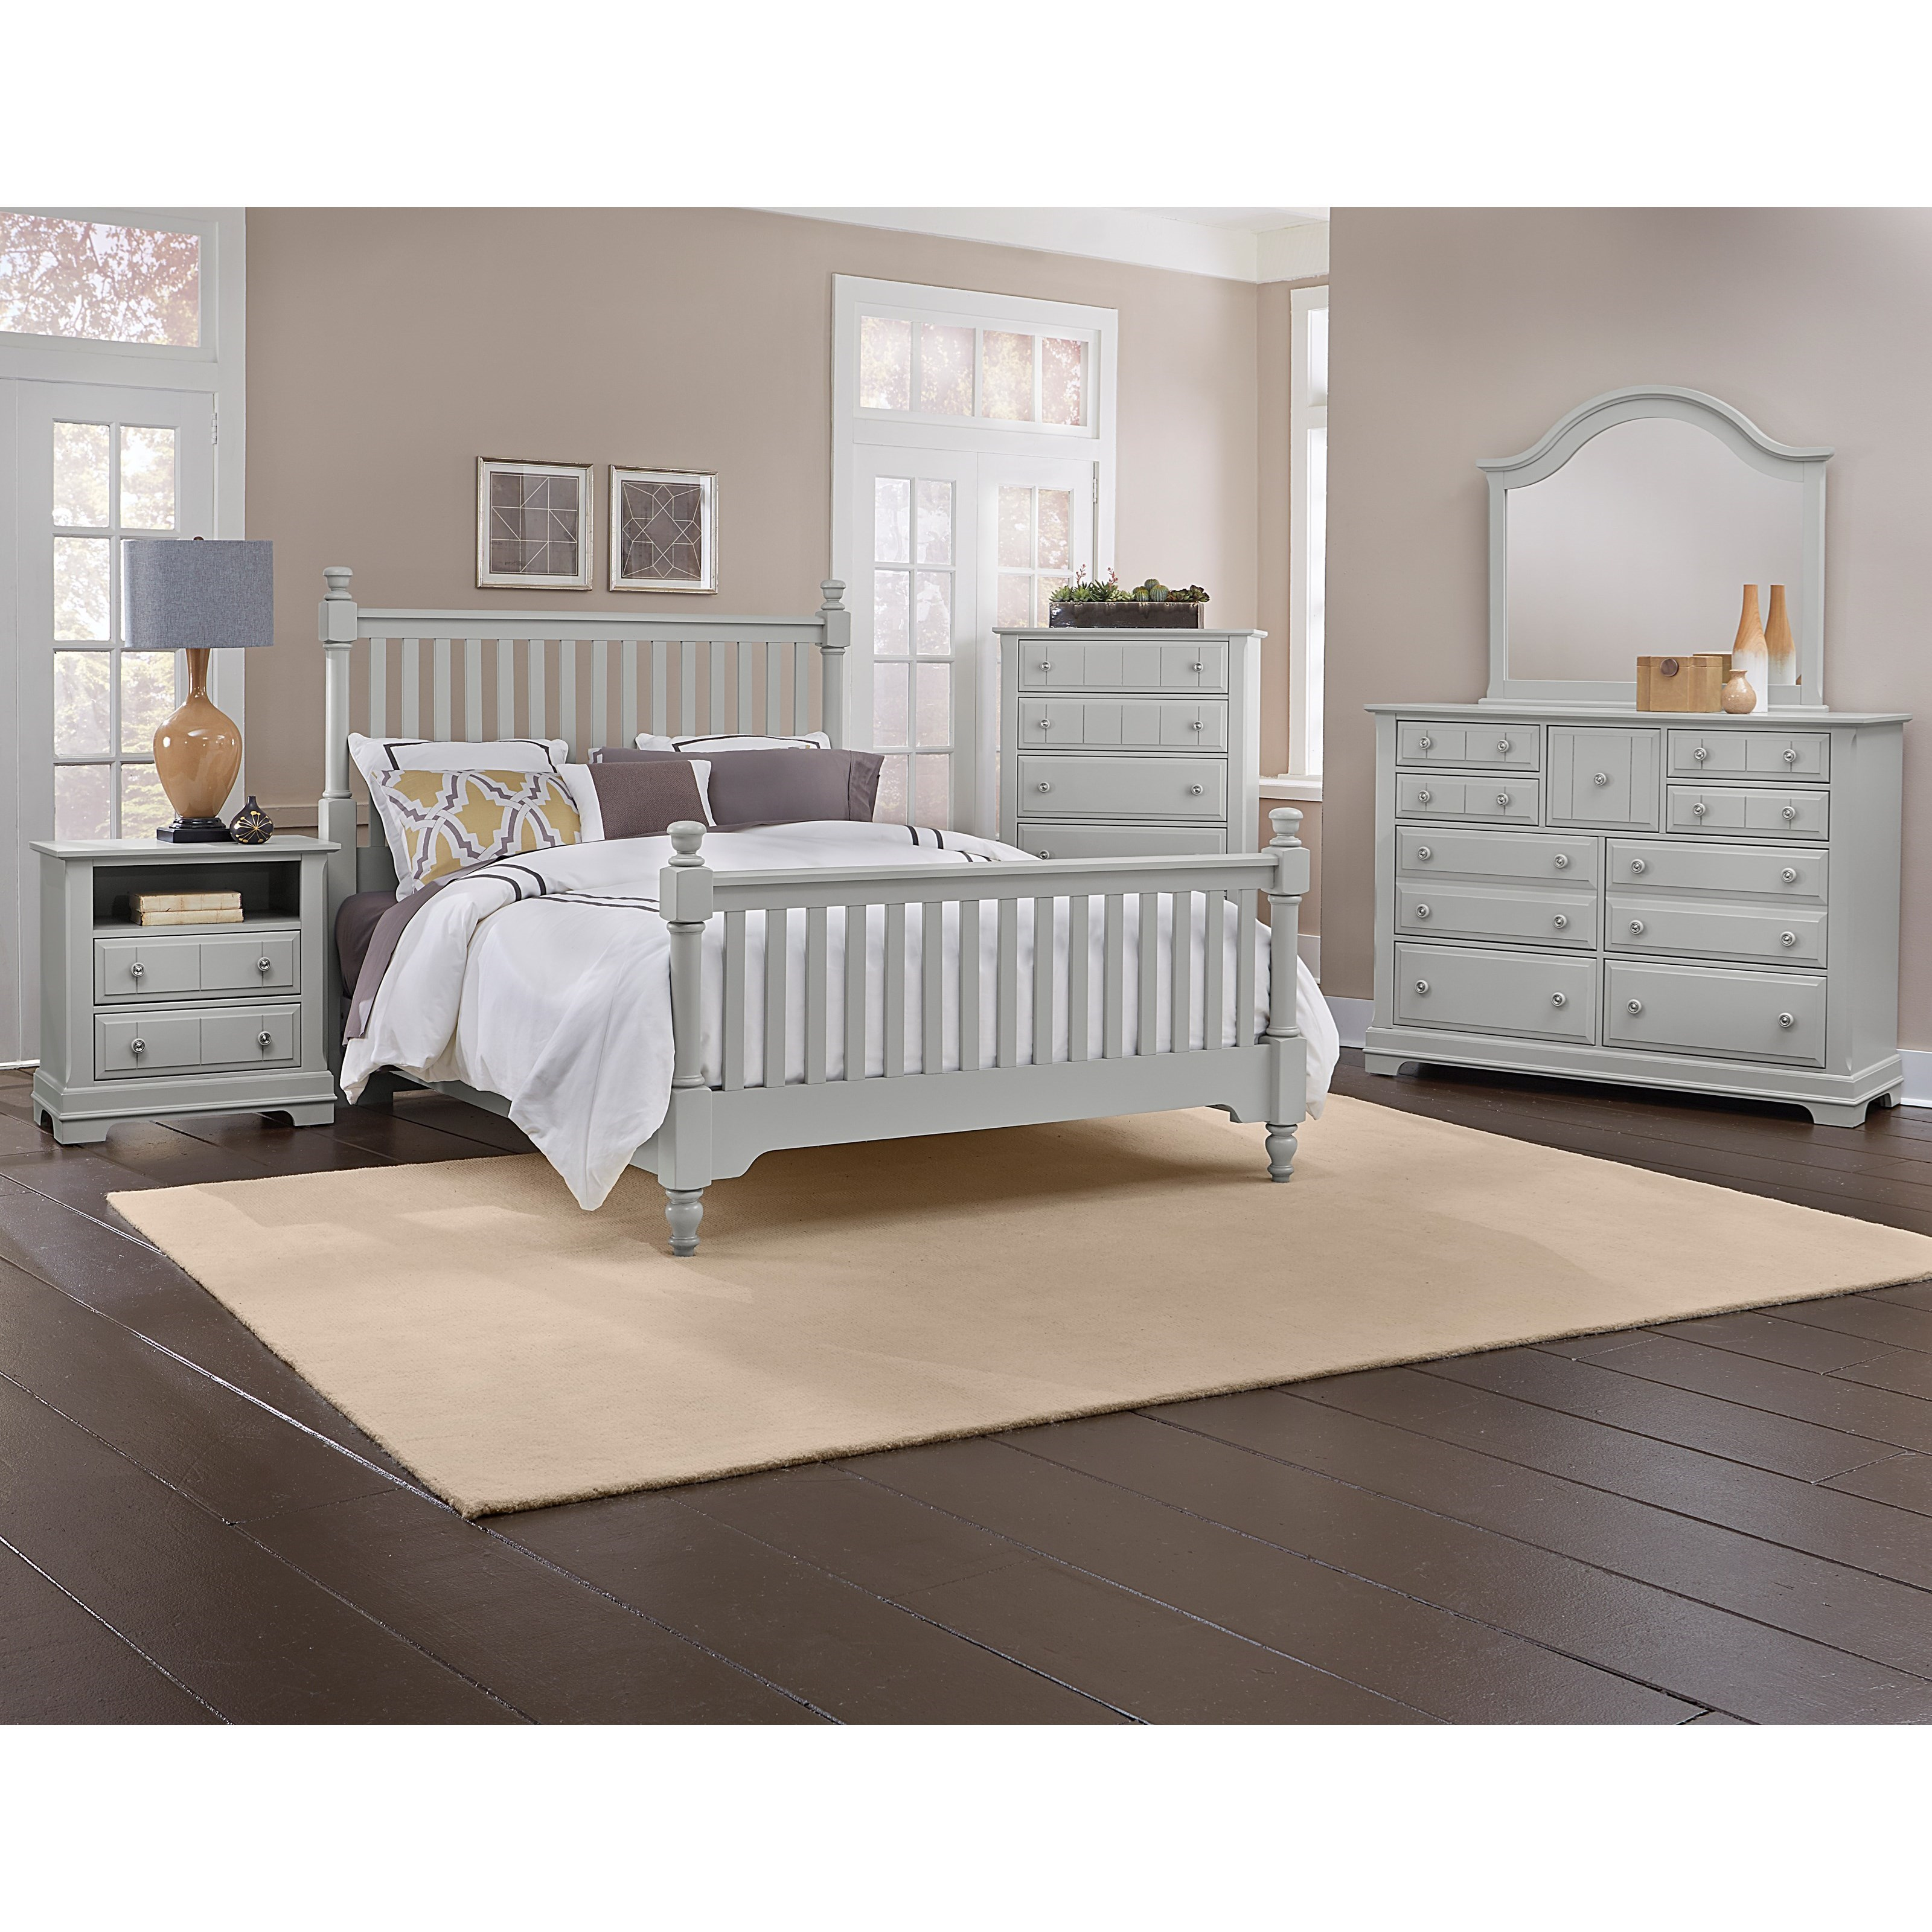 vaughan bassett cottage queen bedroom group olinde 39 s furniture bedroom groups. Black Bedroom Furniture Sets. Home Design Ideas